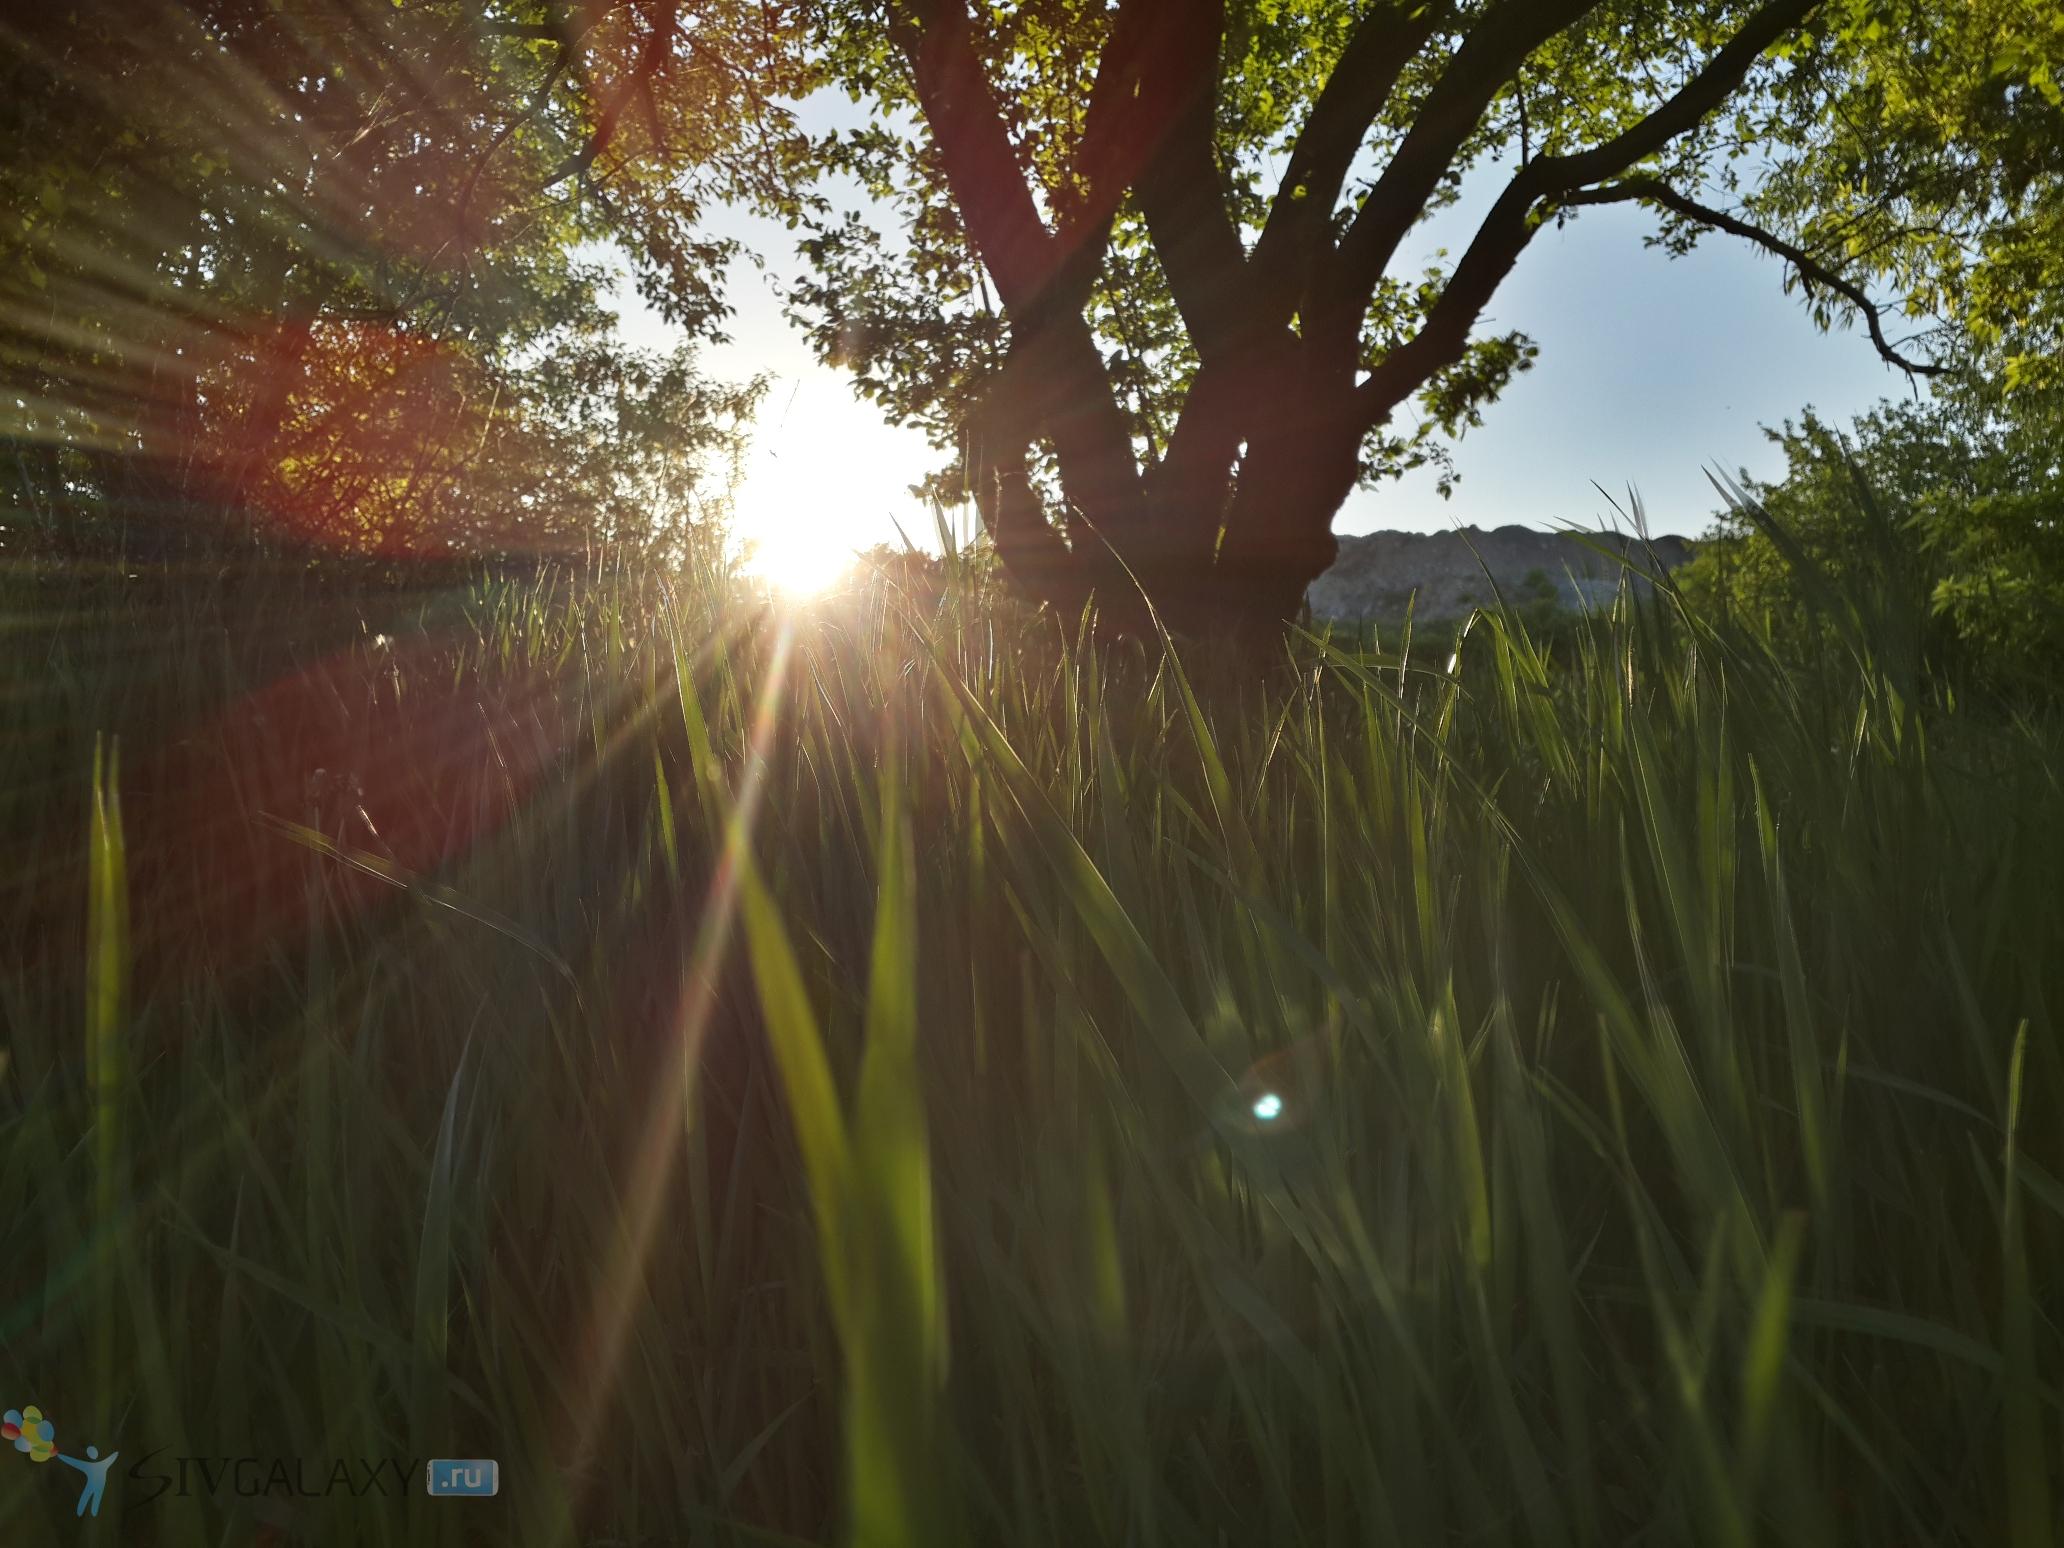 Пример фото с камеры Galaxy S4 в HDR - последний луч